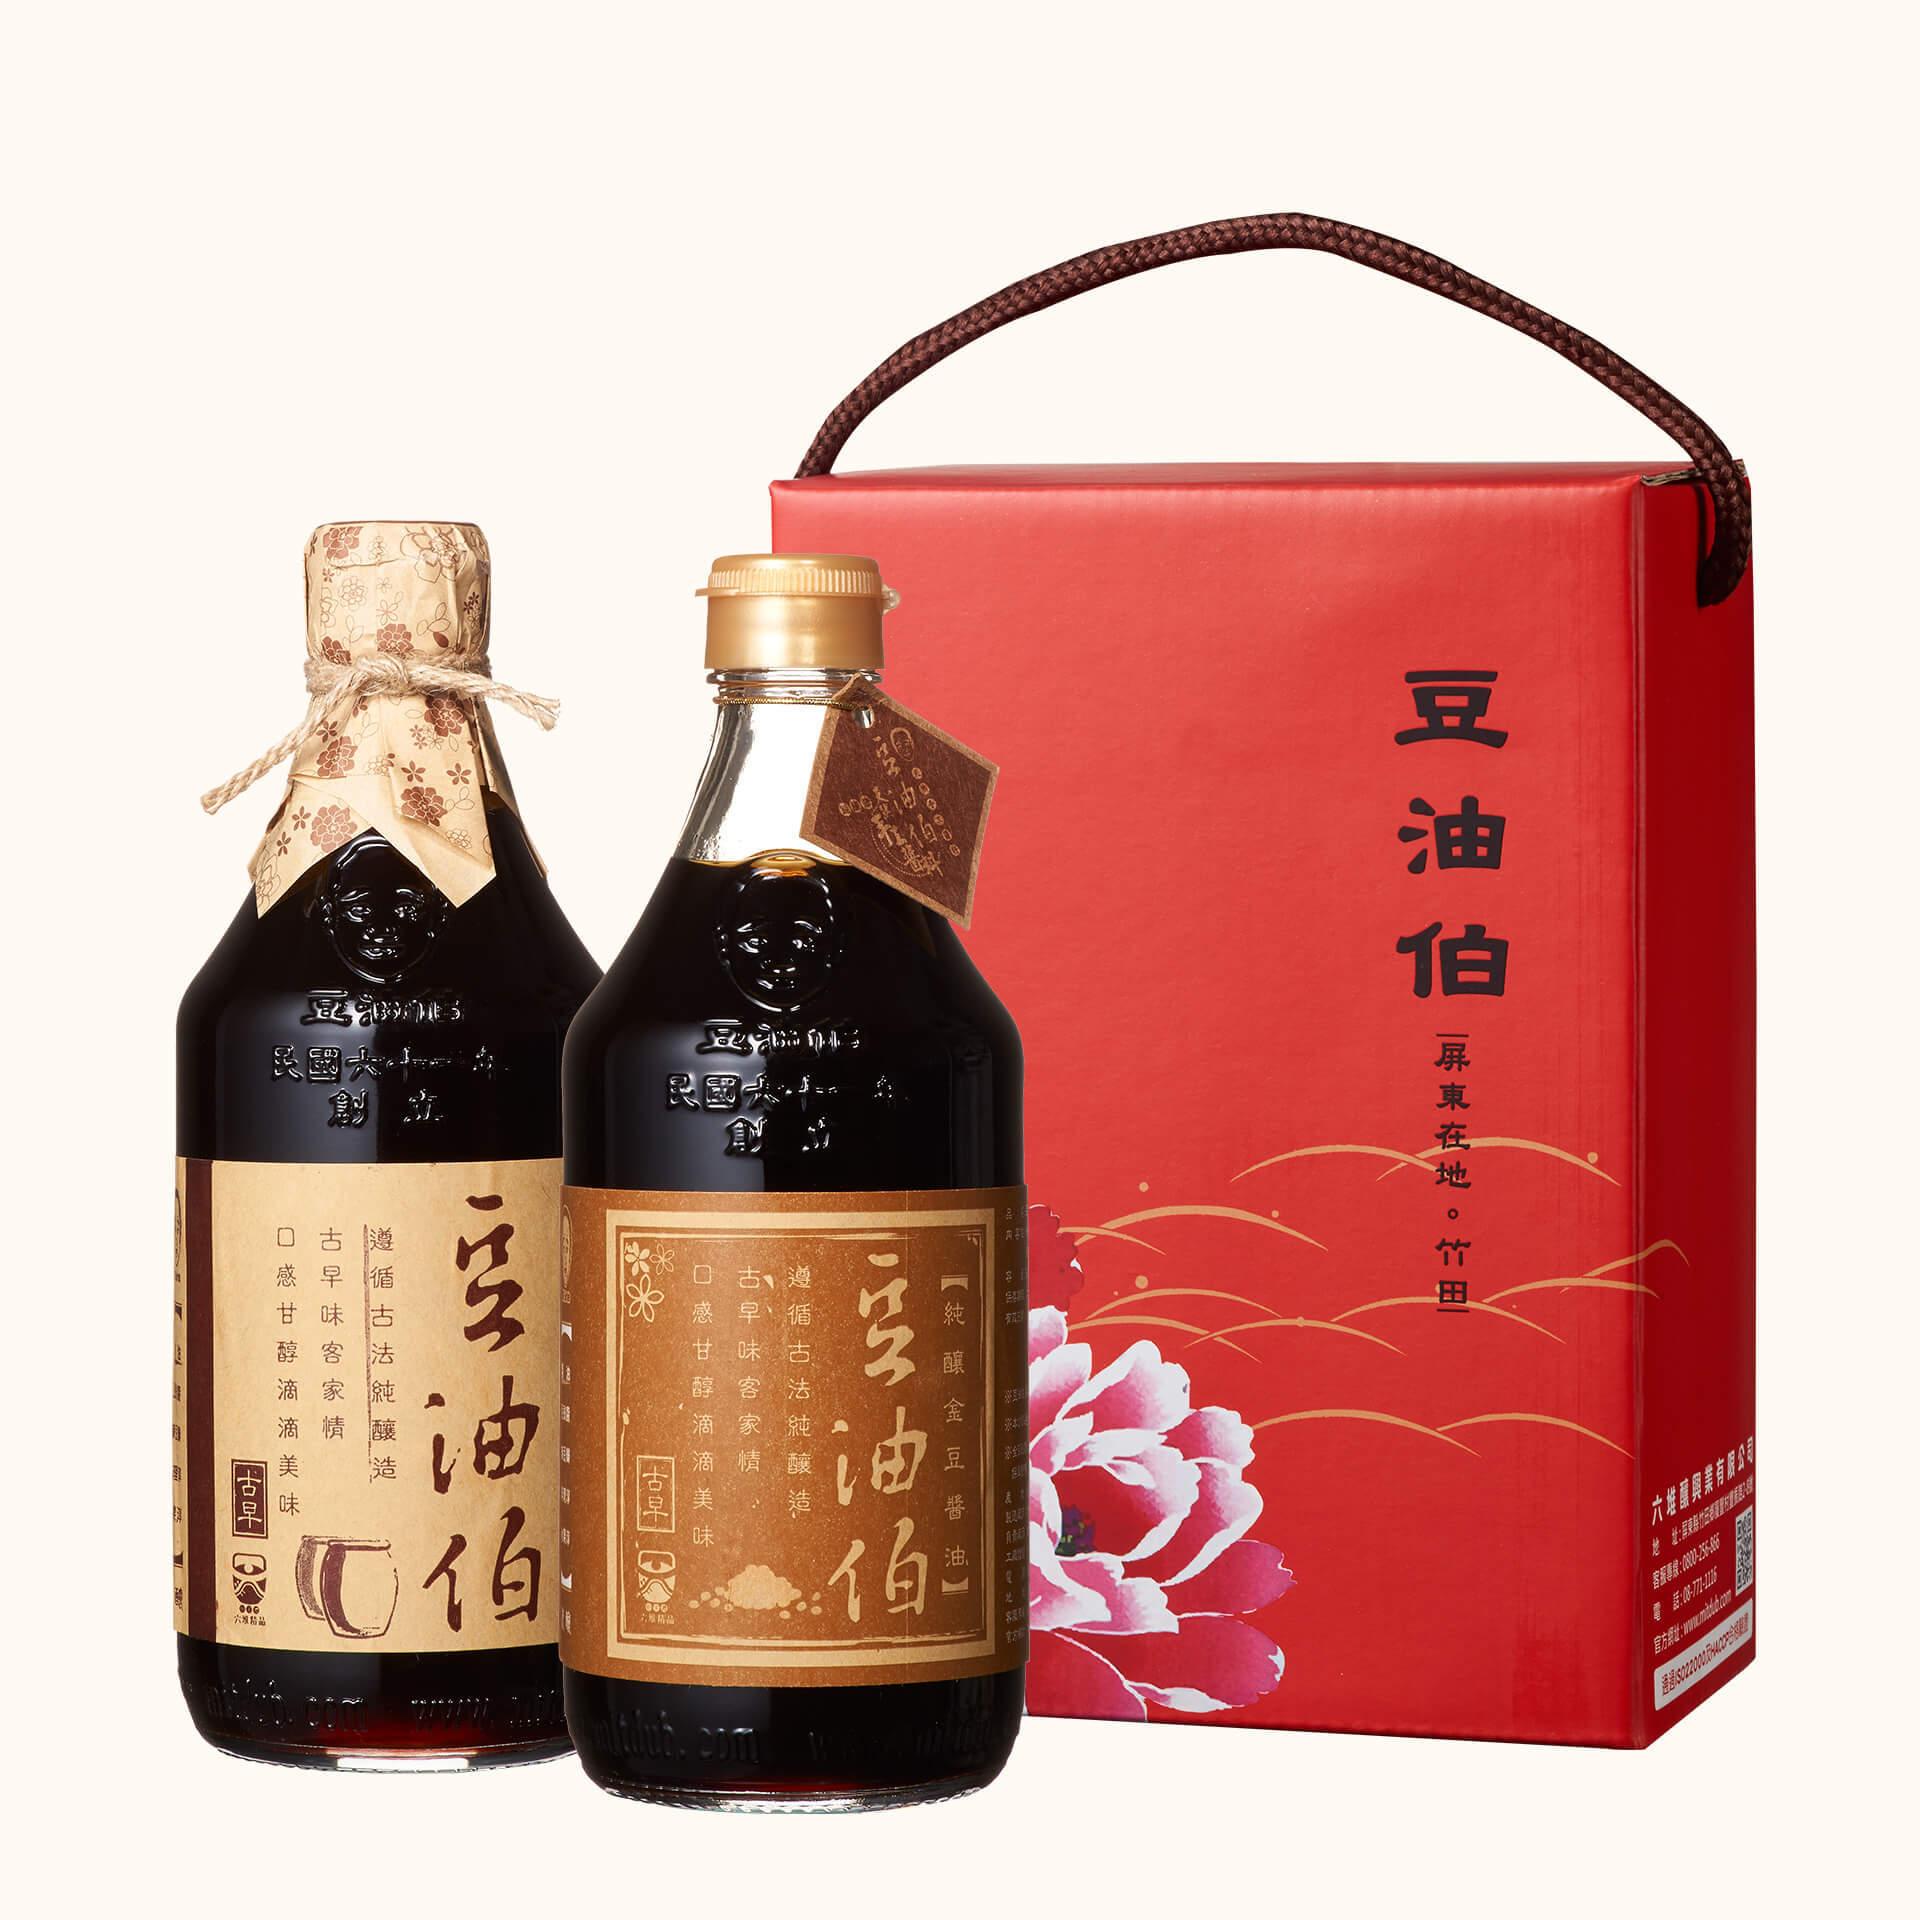 缸底醬油1入+金豆醬油1入(禮盒1組,共2入)